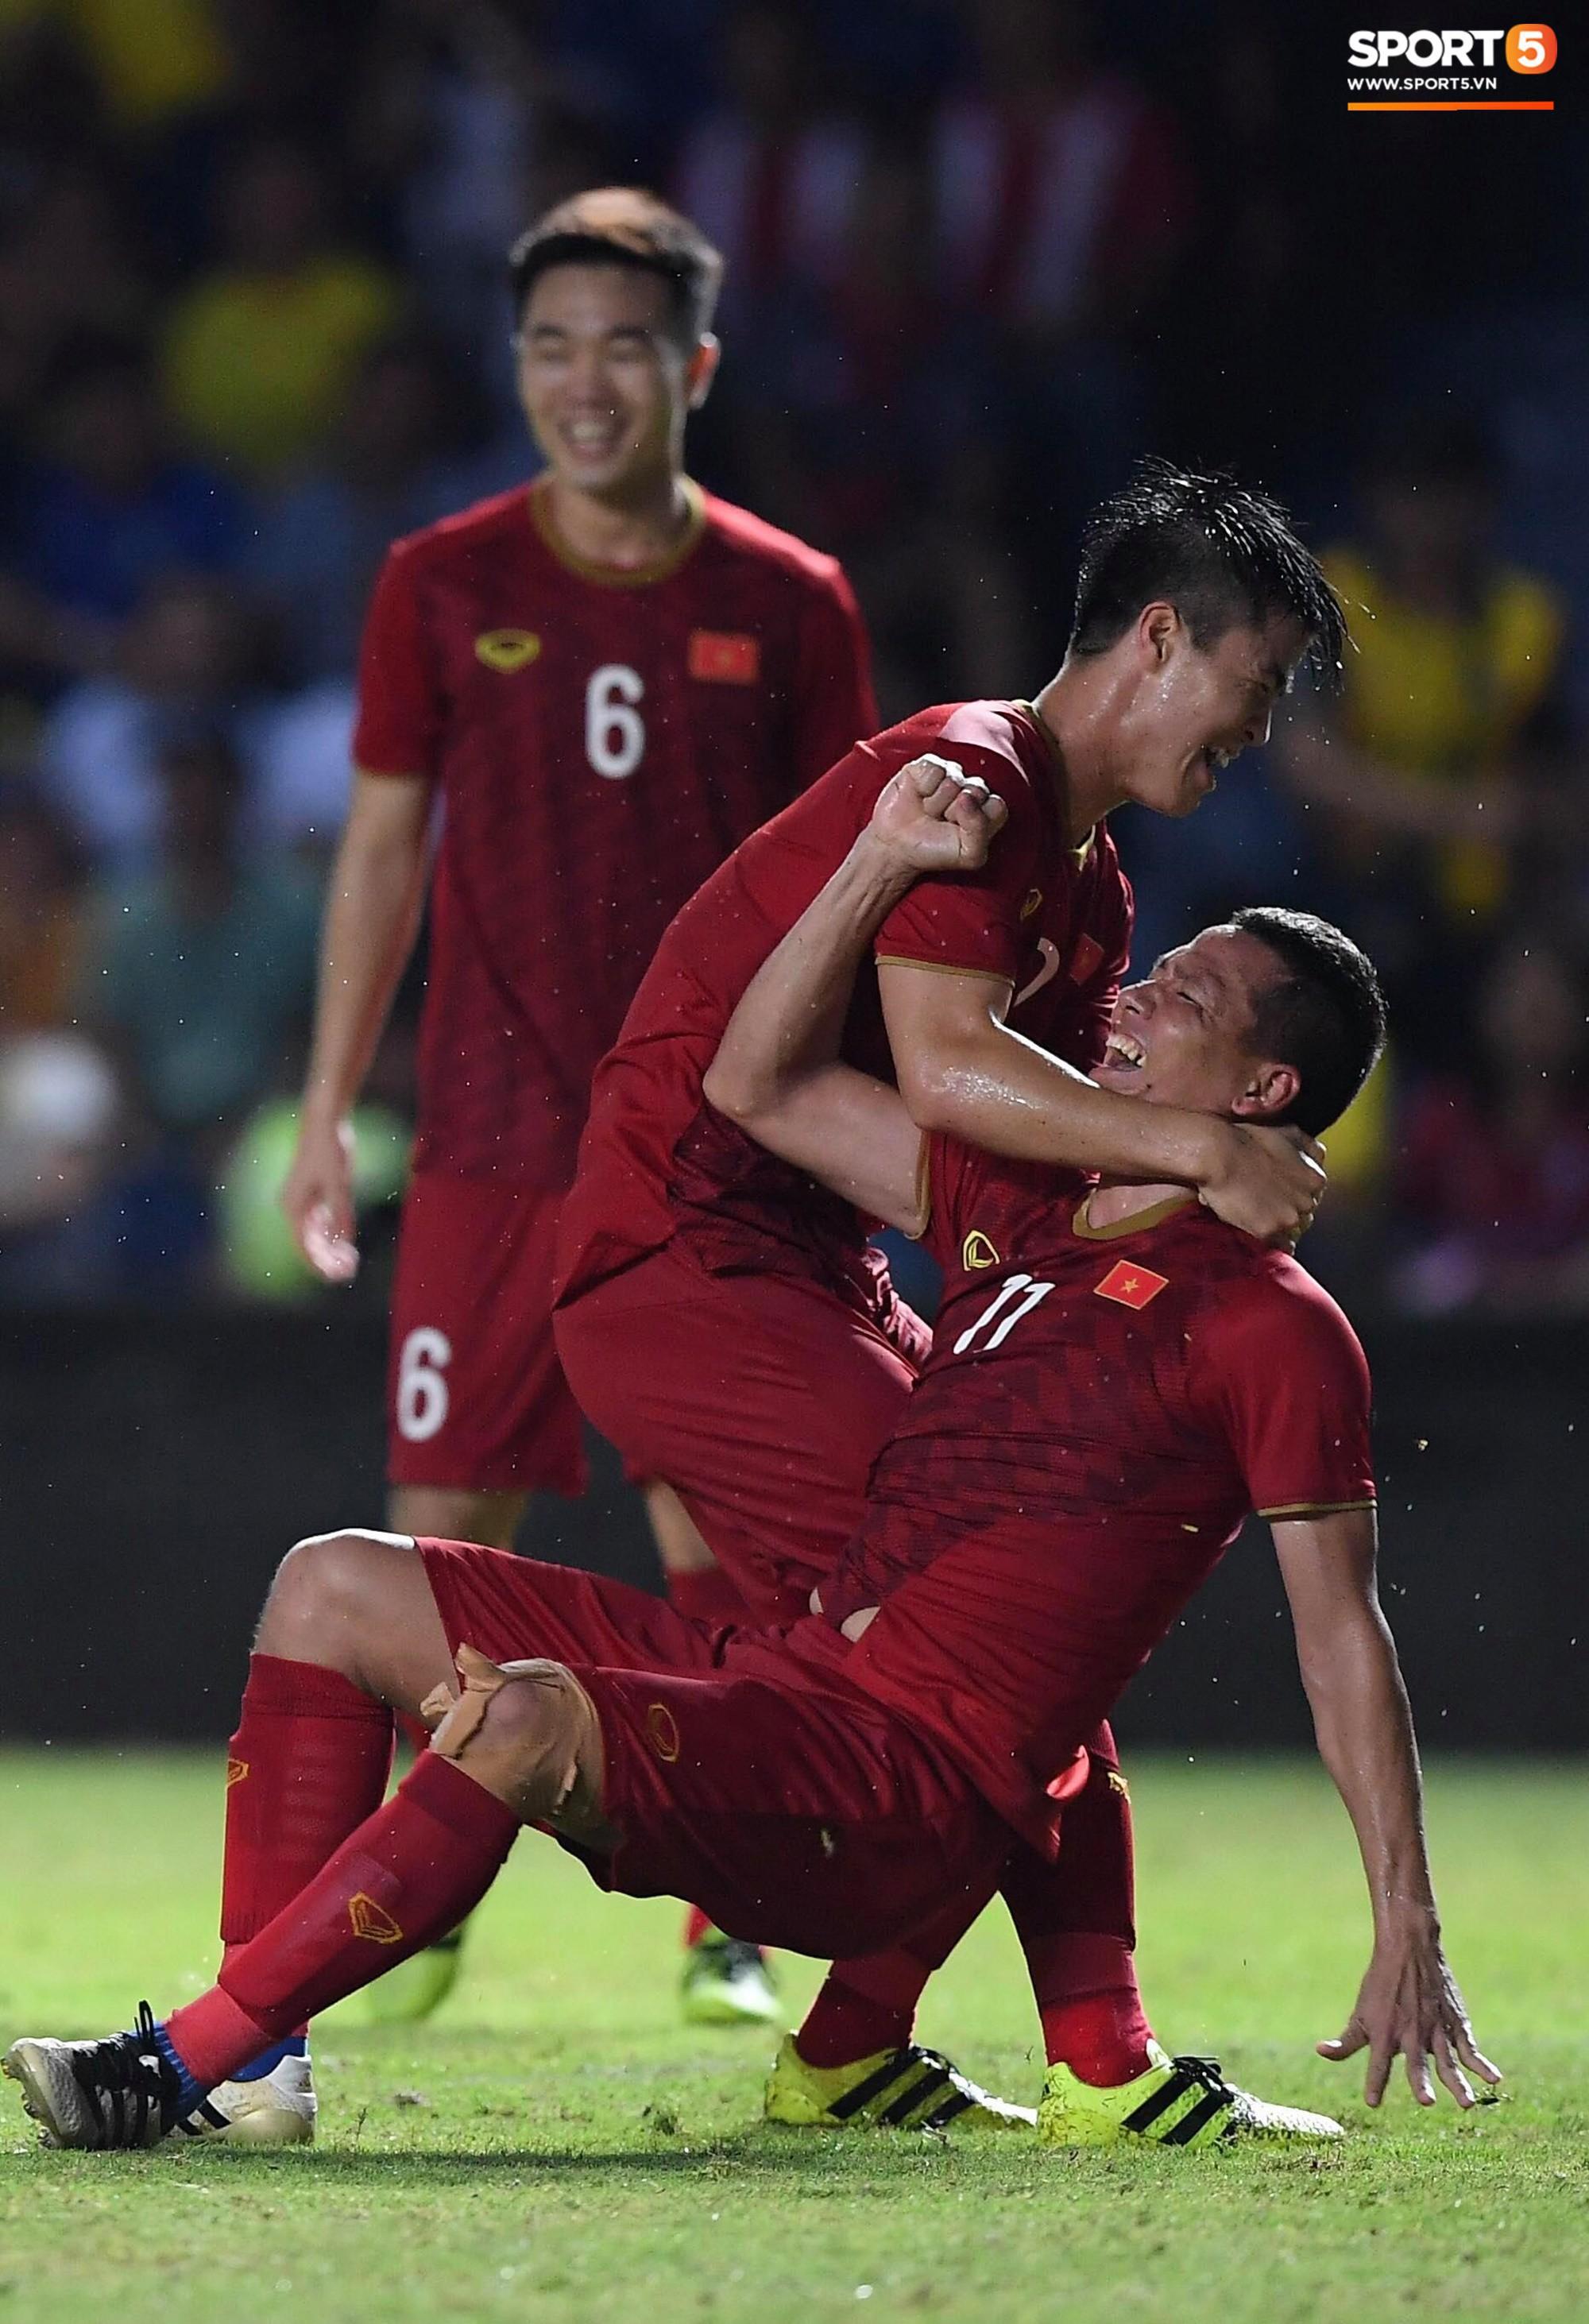 Dân mạng Việt hả hê trước bàn thắng tối thiểu của Anh Đức giúp đánh bại Thái Lan: Này thì chơi xấu! - Ảnh 3.